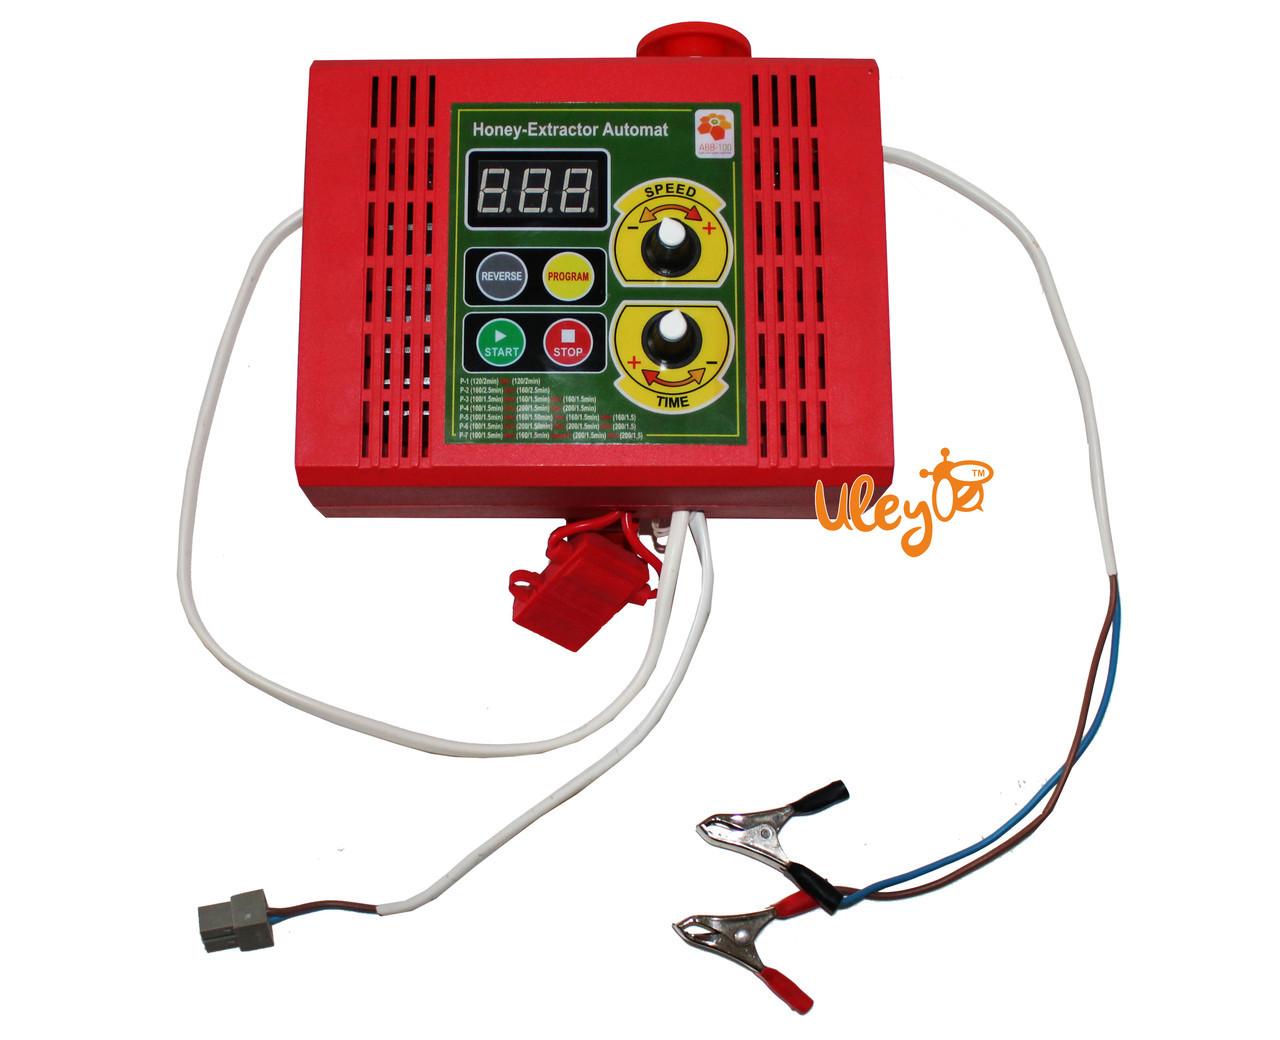 Пульт управления для ременного электропривода медогонки 12 В (с кнопкой аварийного выключения)